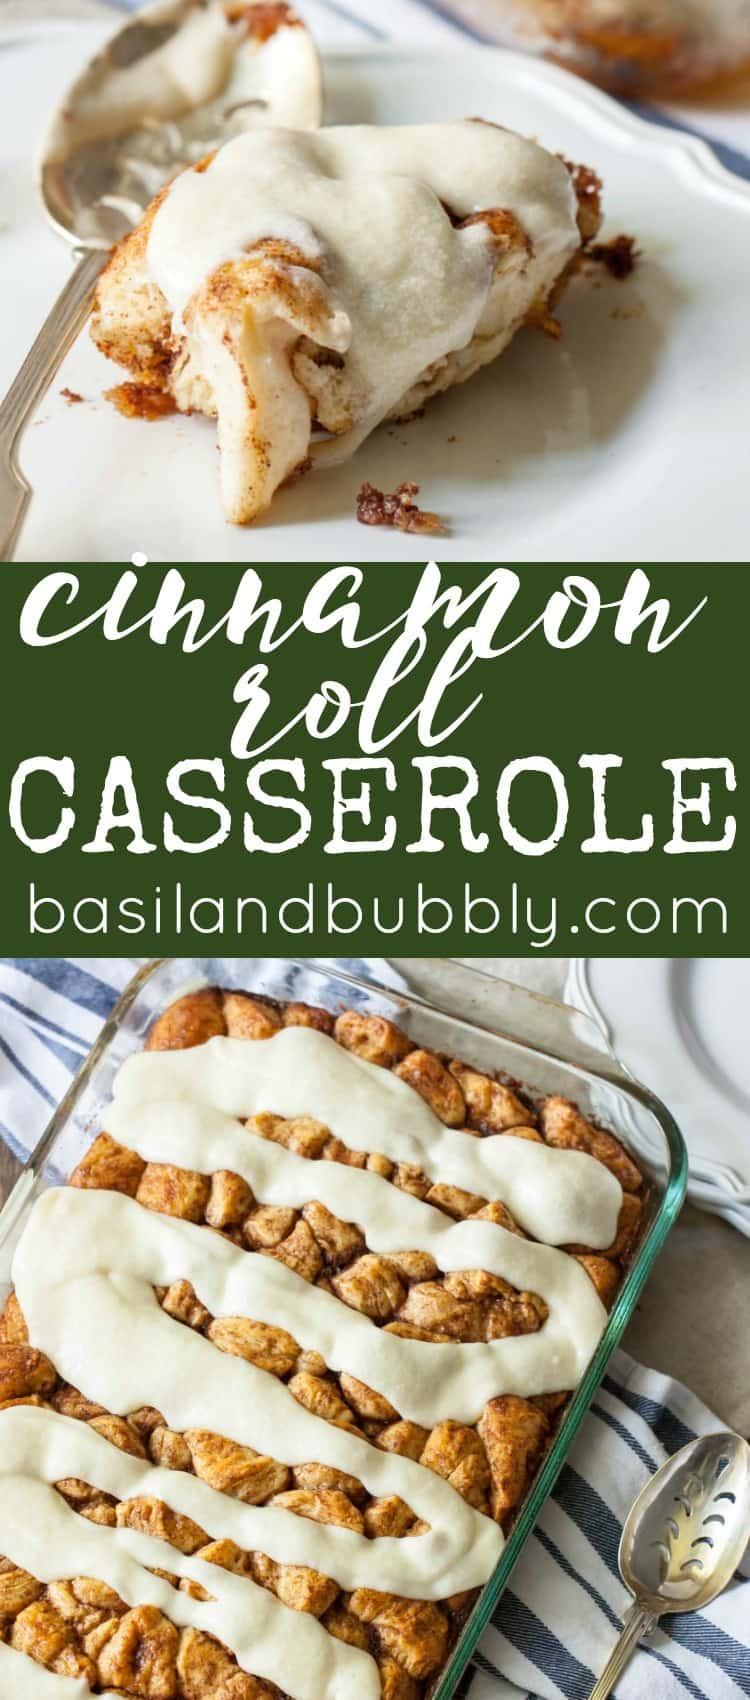 Cinnamon Roll Casserole Recipe